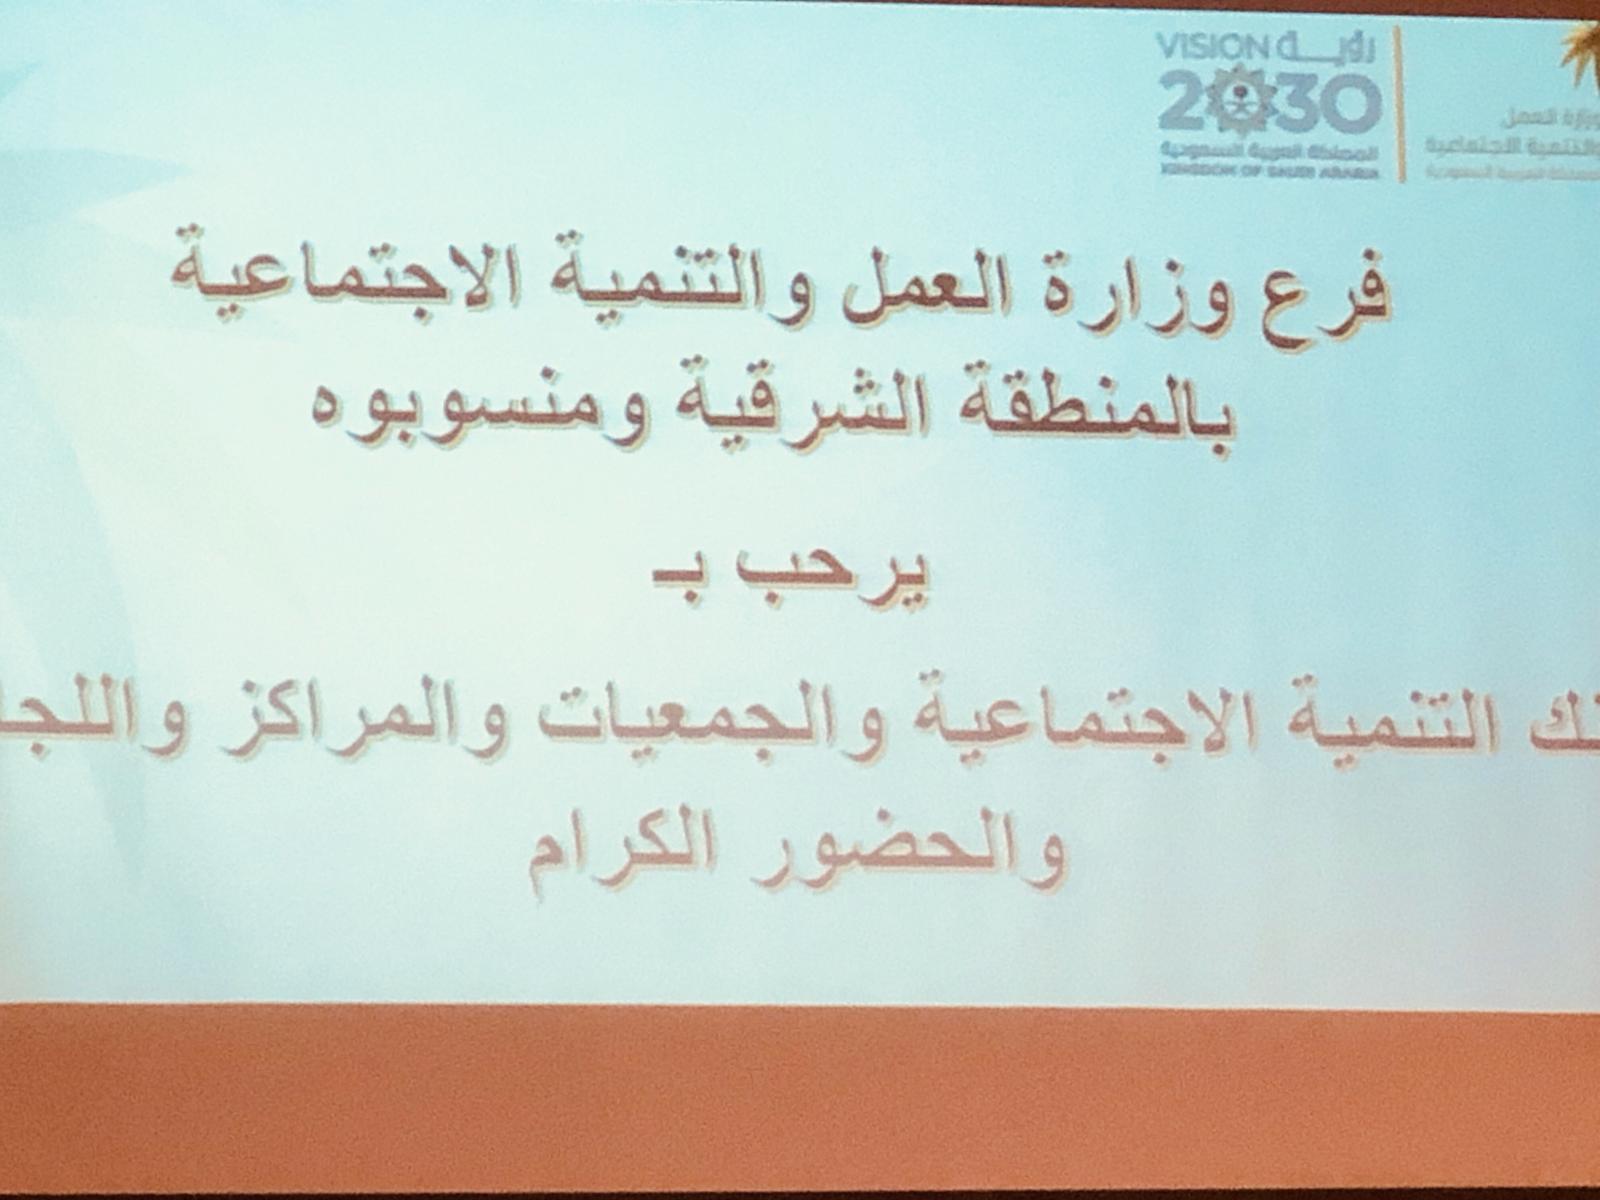 الجمعية تشارك في إجتماع الجمعيات الخيرية